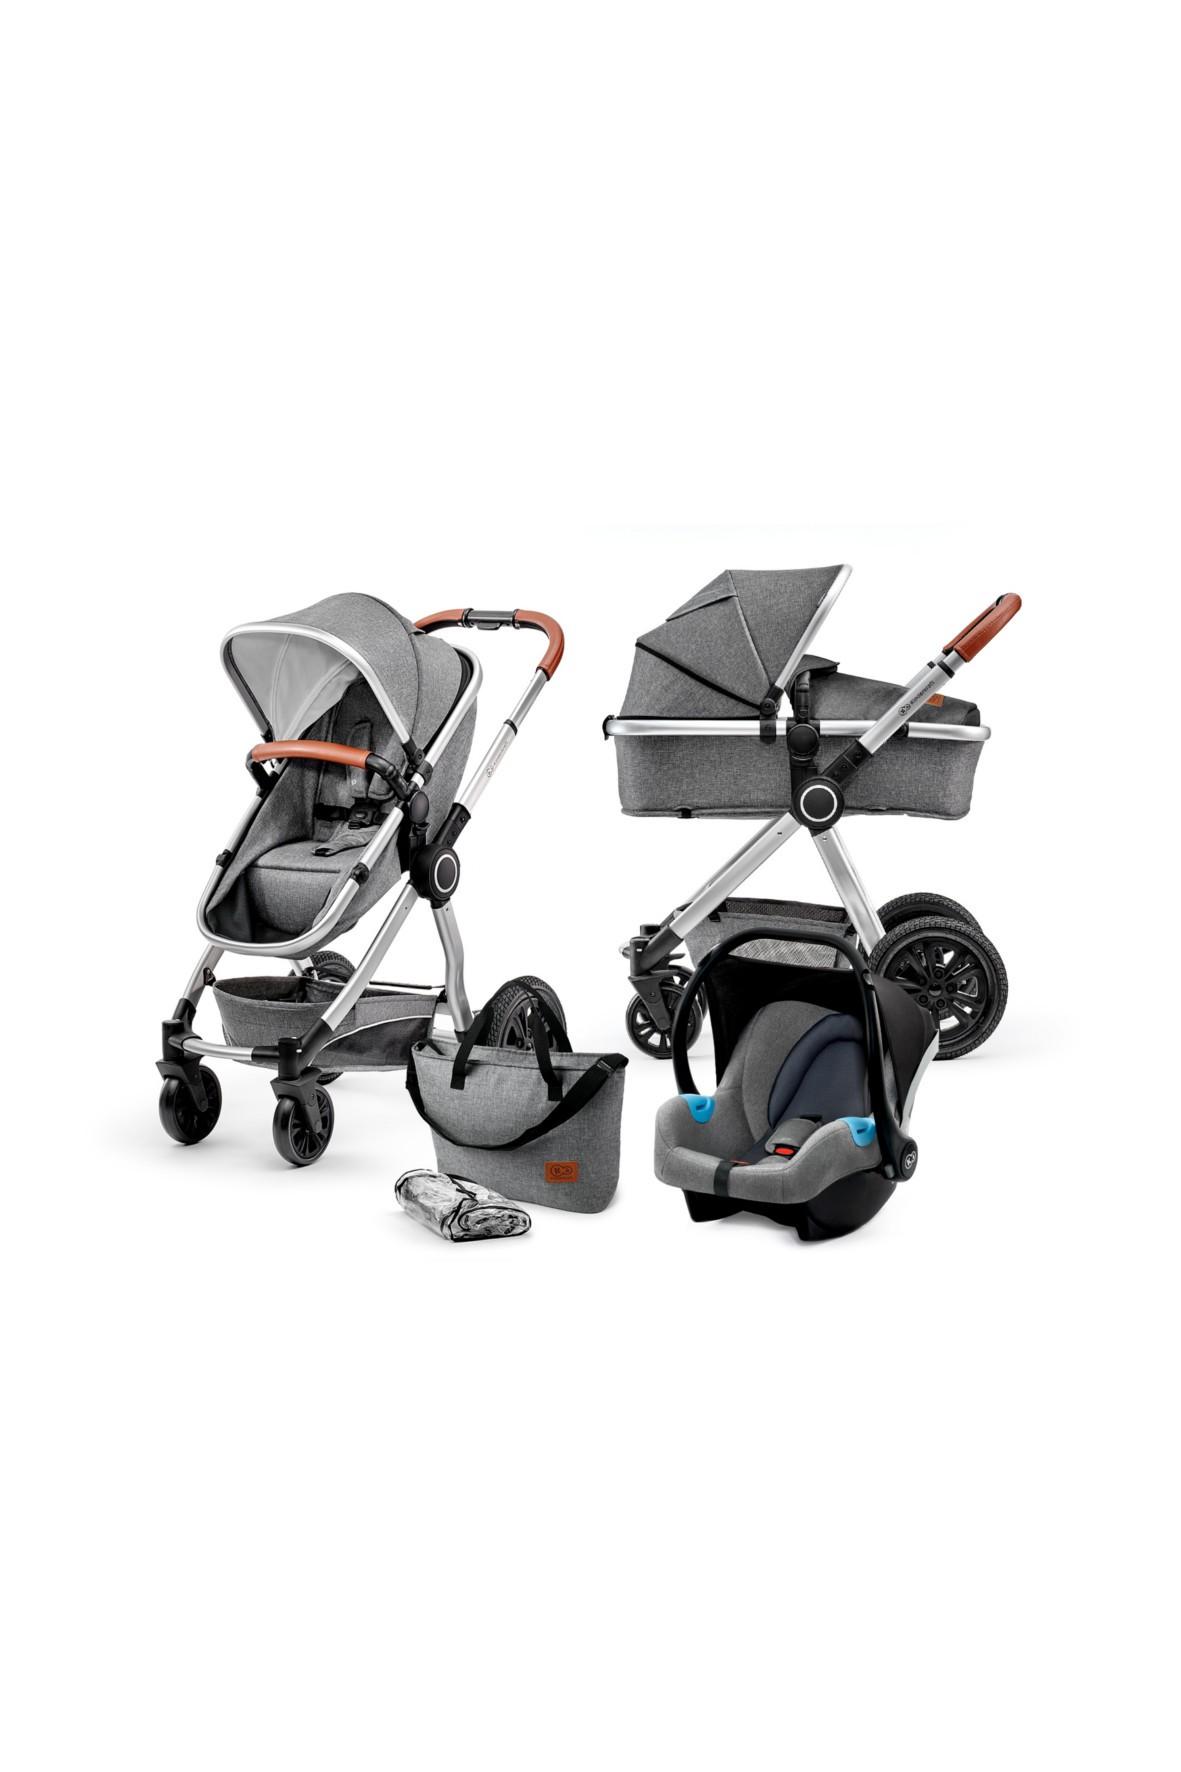 Wózek wielofunkcyjny 3w1 VEO szary Kinderkraft